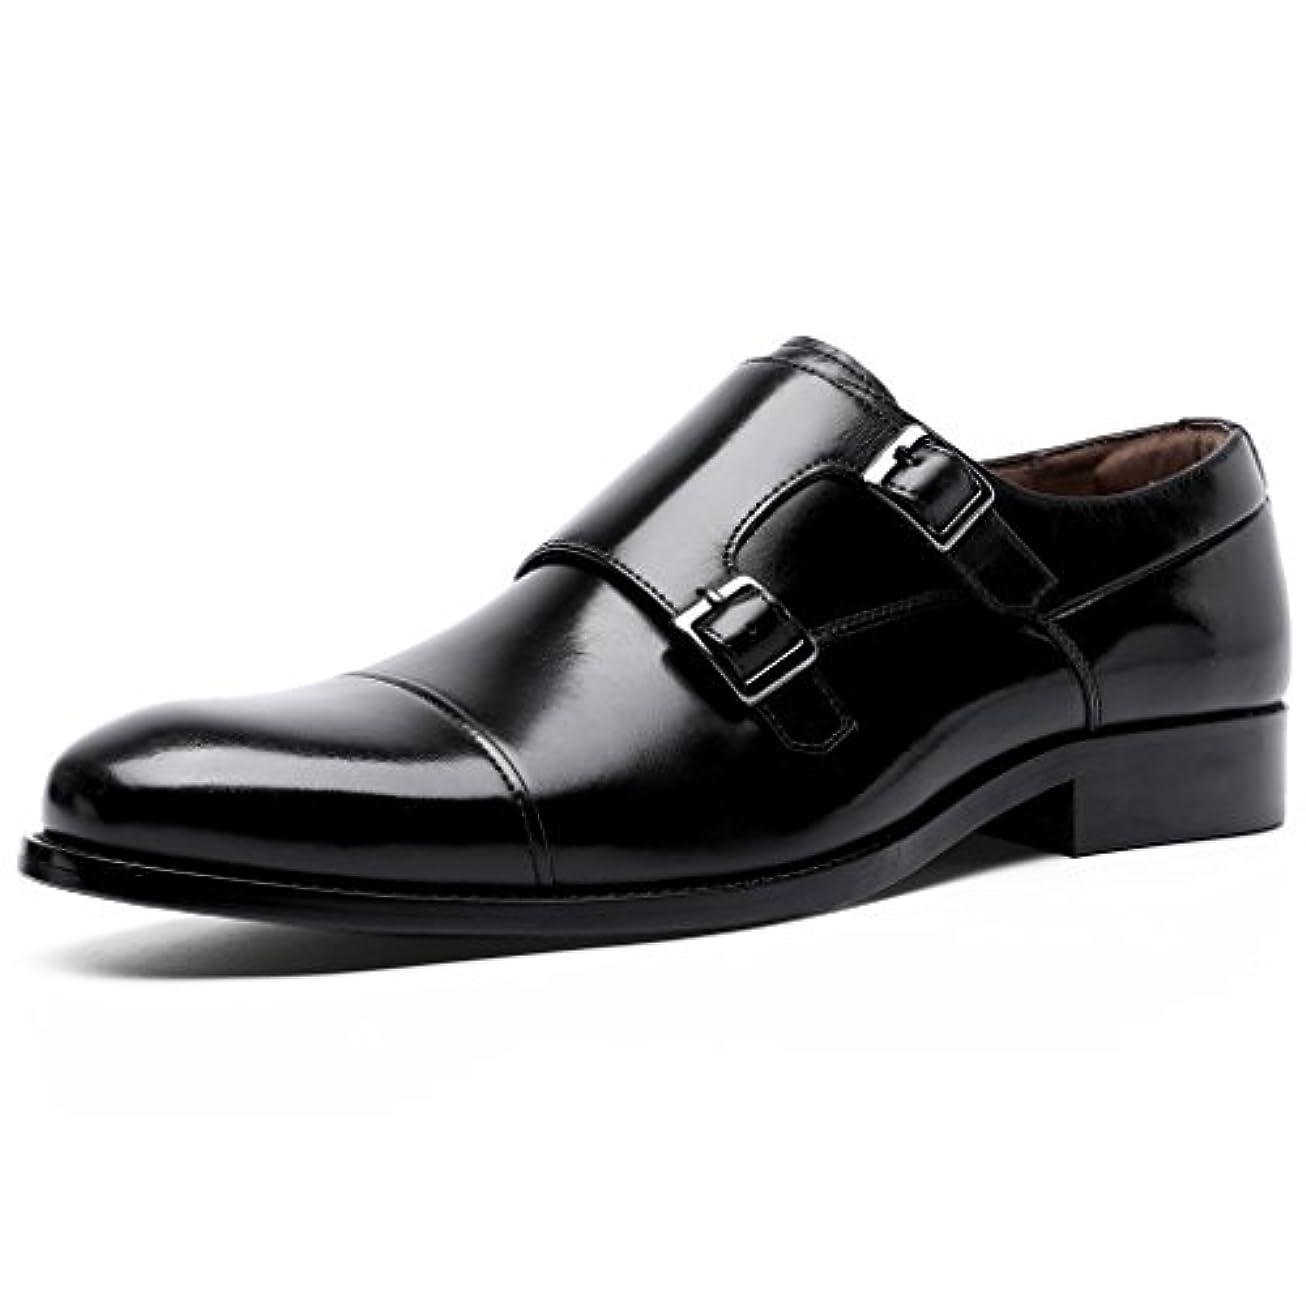 反抗消費者スケッチ[ロムリゲン] Romlegen ビジネスシューズ メンズ 紳士靴 革靴 本革 モンクストラップ